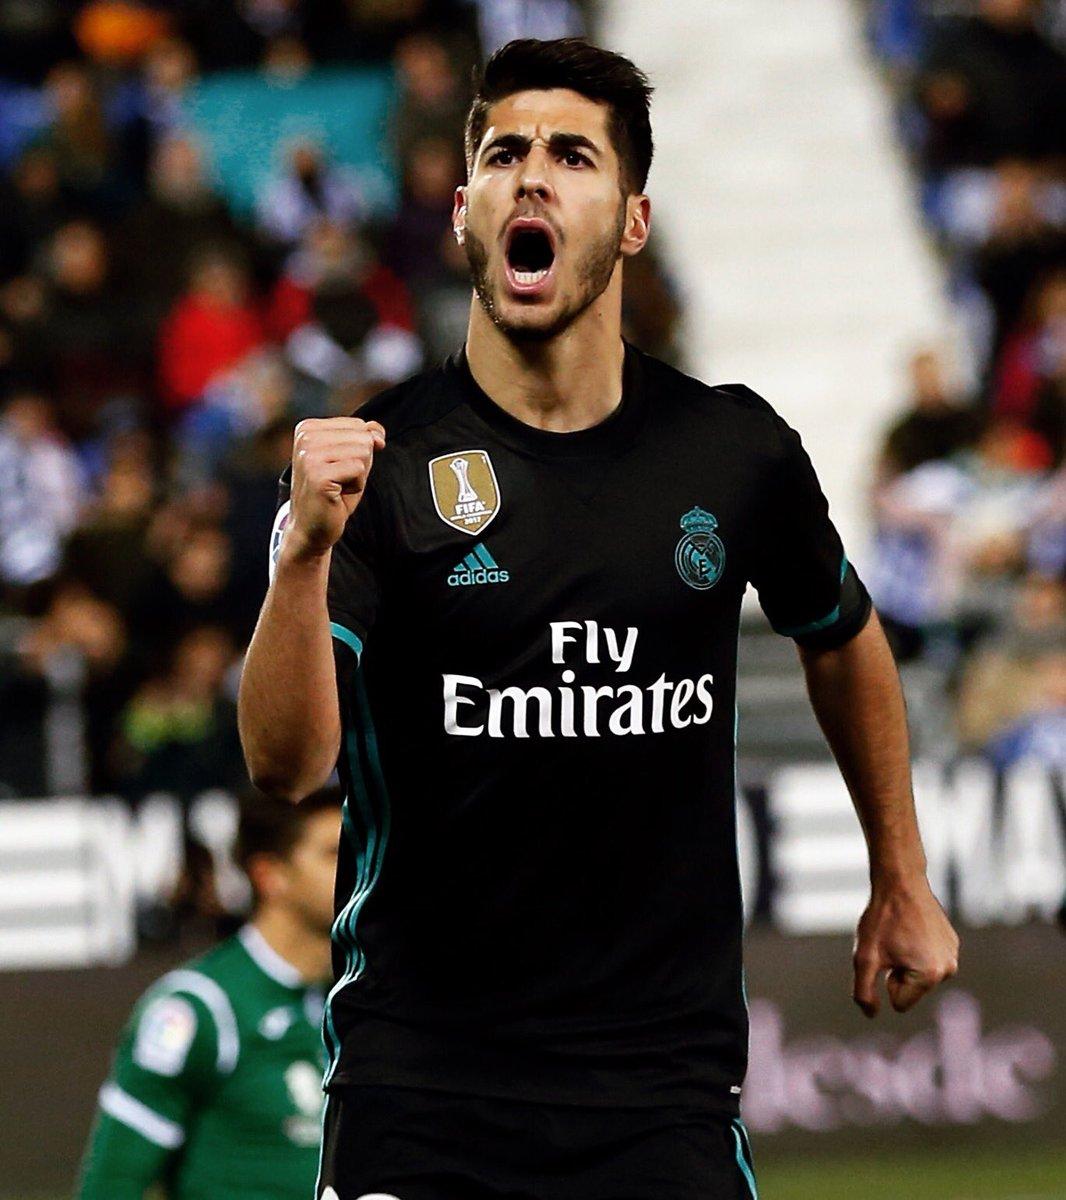 Buena victoria del equipo. ⚽️💪🏽 #HalaMad...